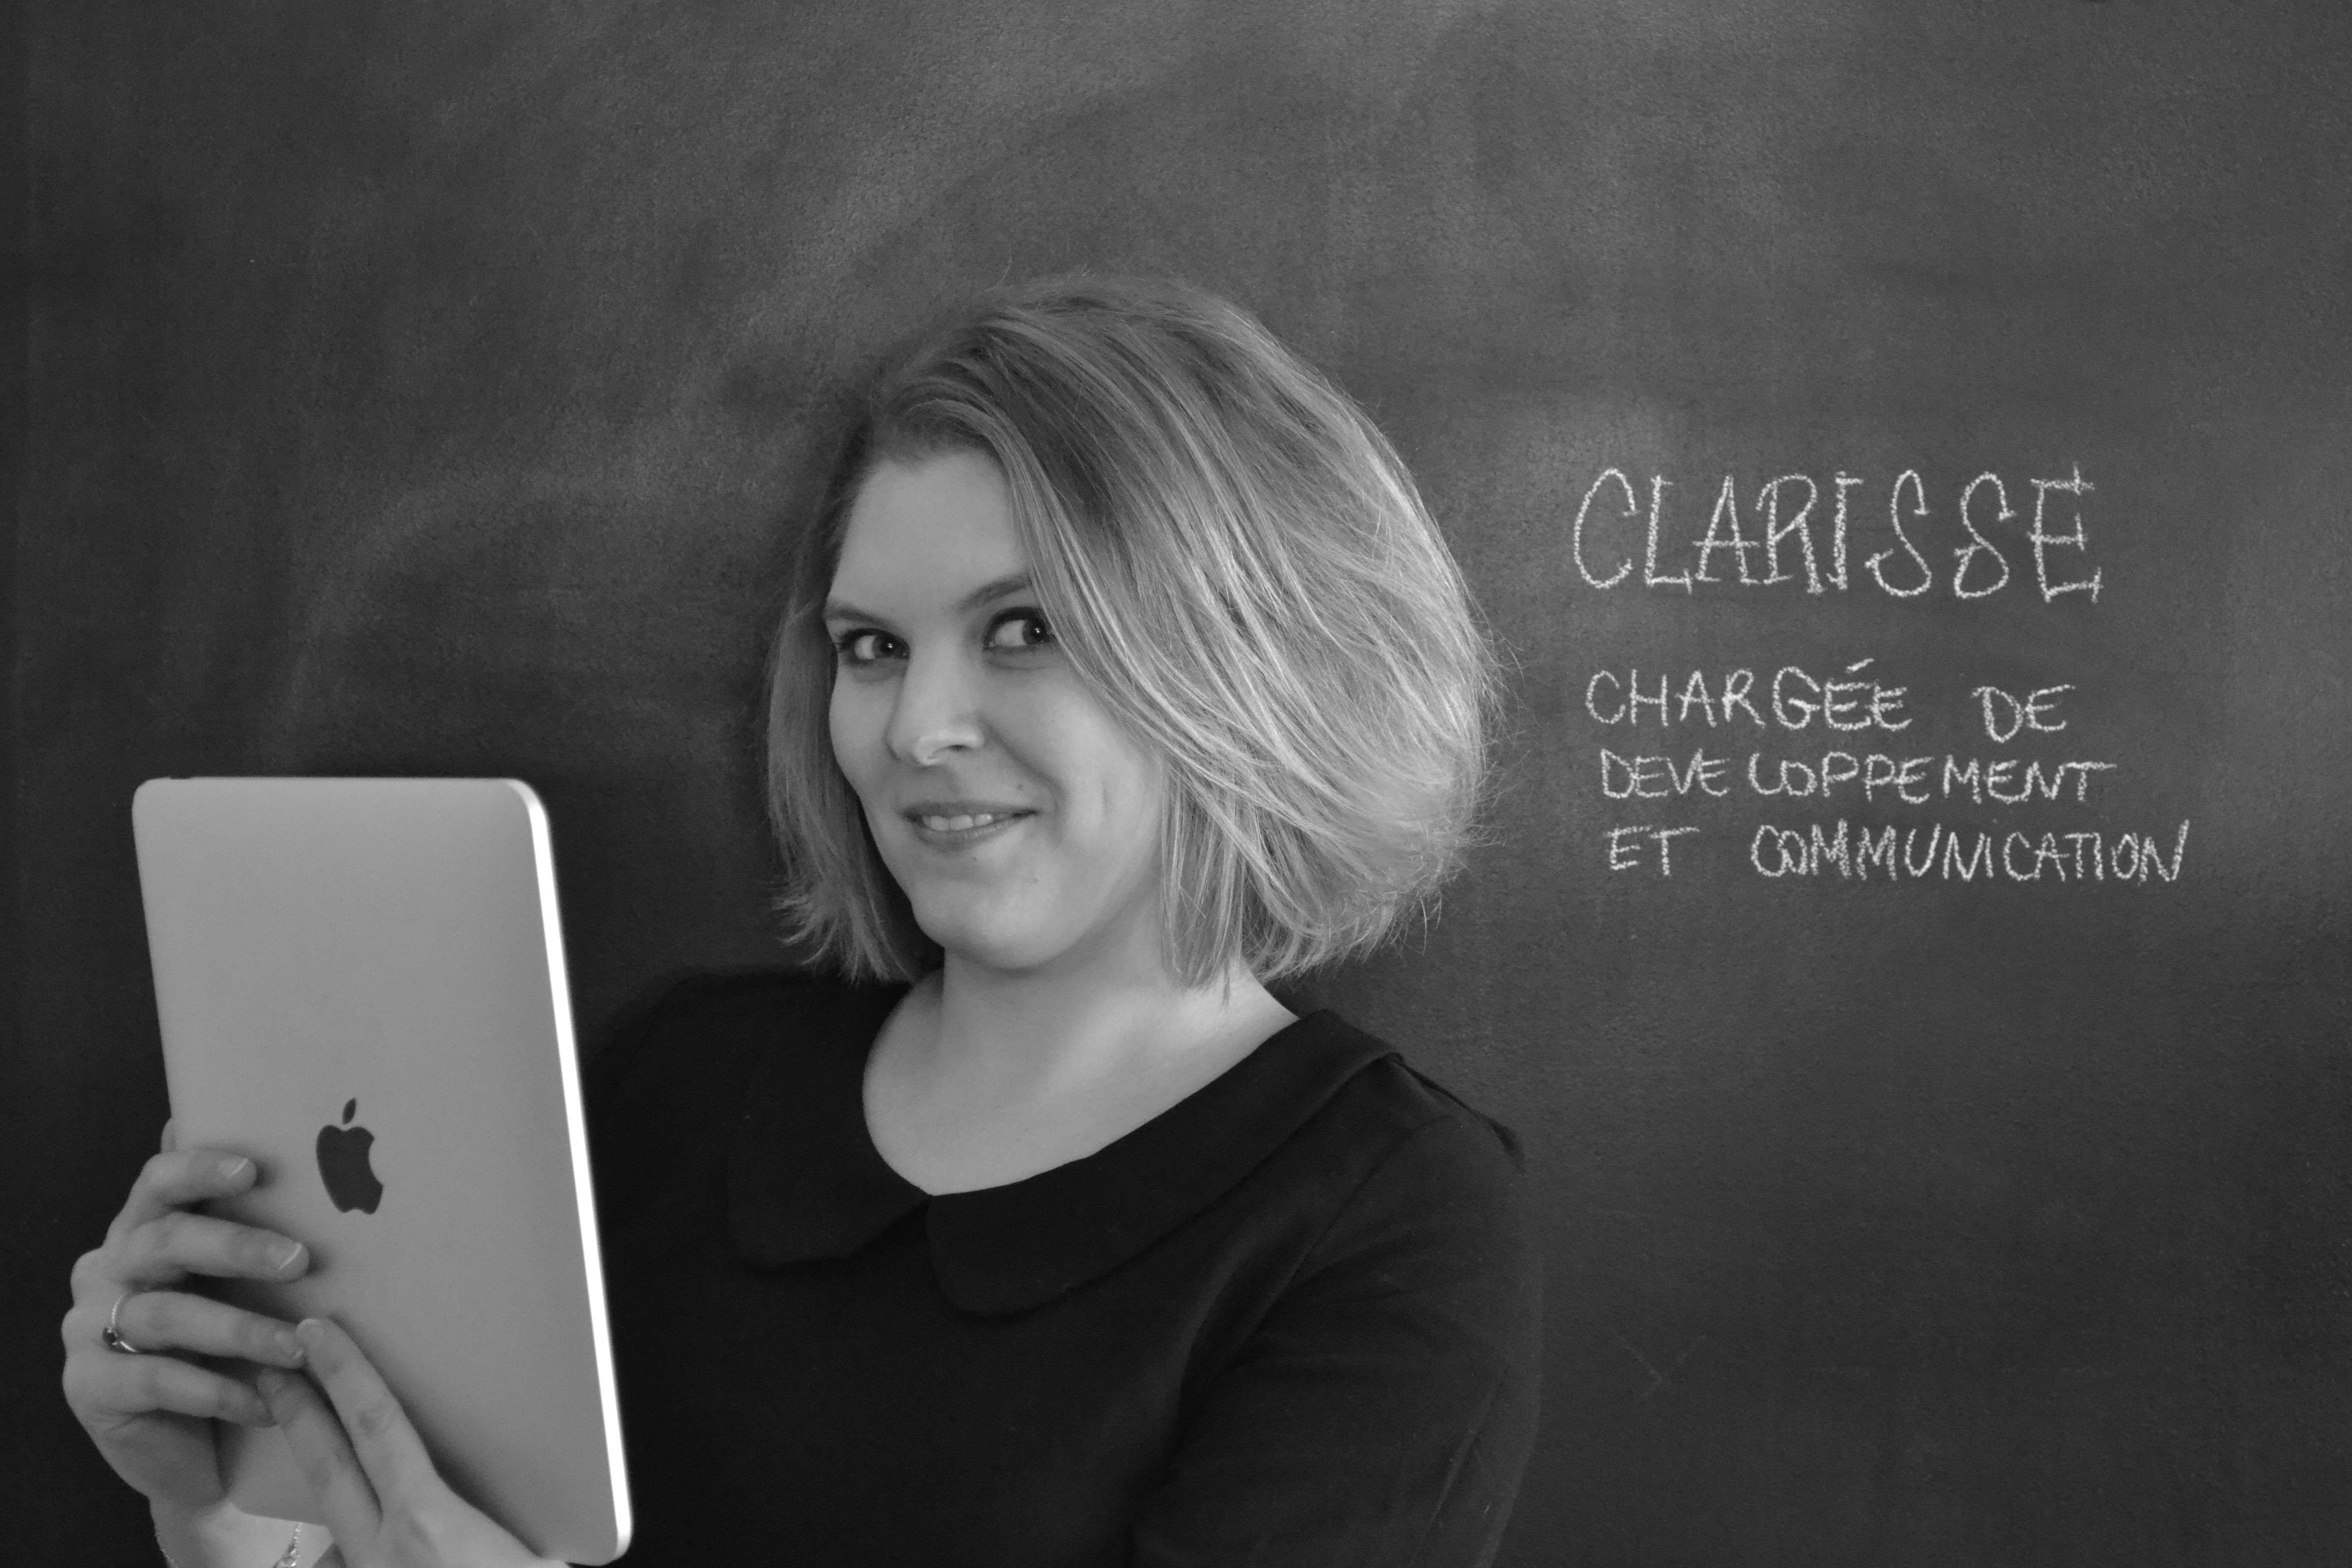 Clarisse, Développement et Com'